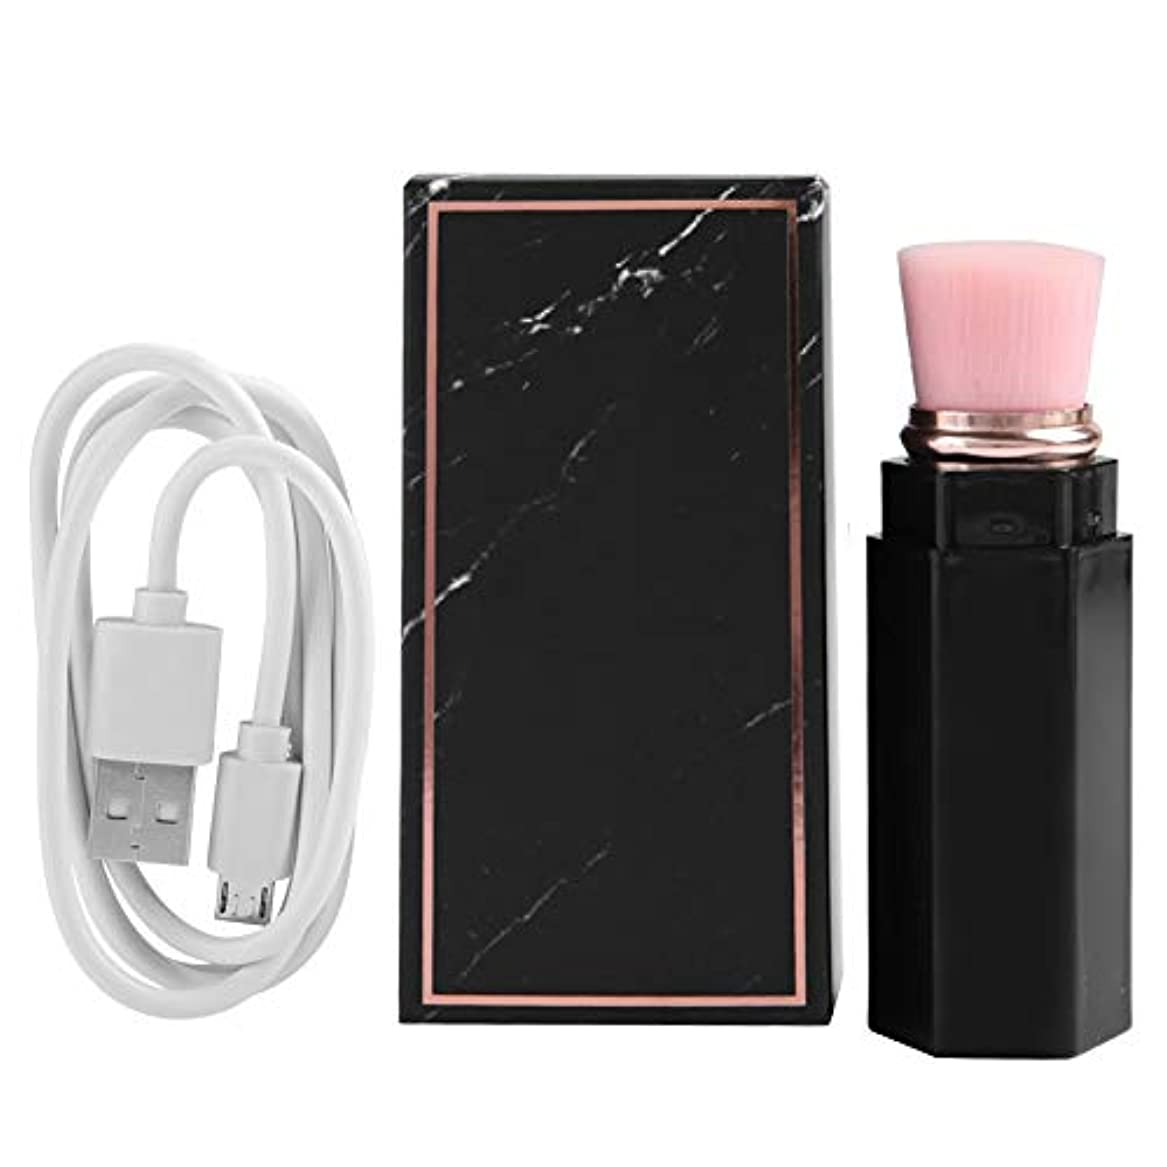 民族主義複数高架電動化粧ブラシ、ファンデーションブラッシュ用プレミアム化粧ブラシ、高品質合成繊維、プロおよび個人使用のための3D化粧効果(3#)